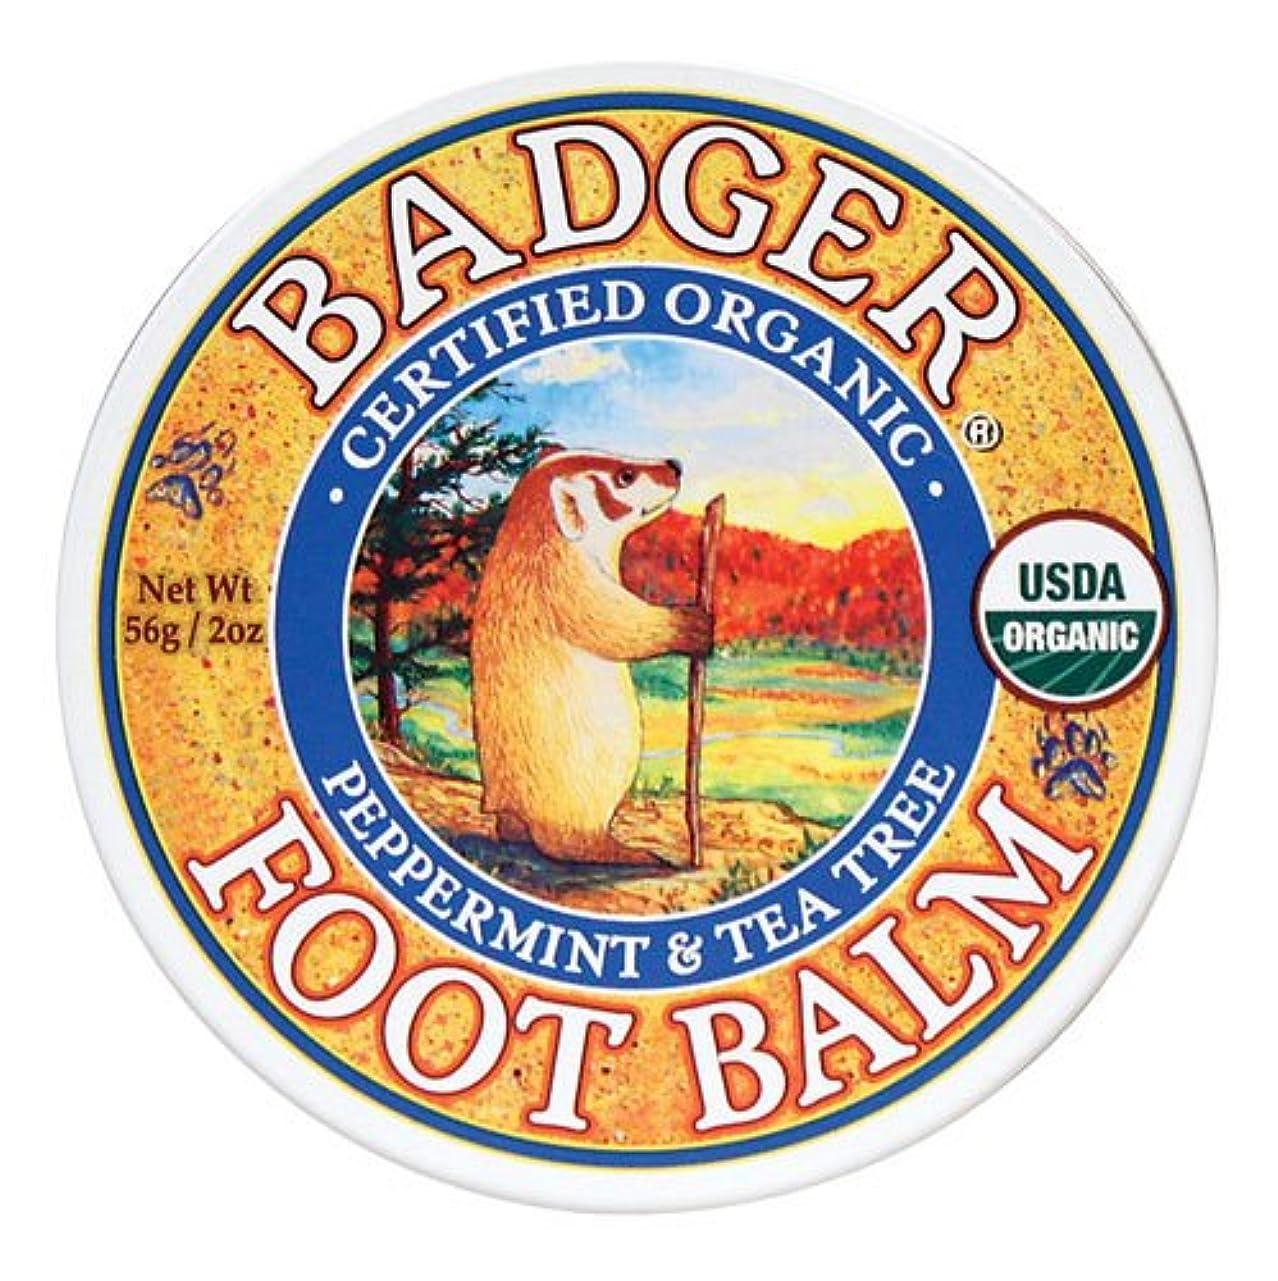 原理ミキサー自然Badger バジャー オーガニックフットクリーム ペパーミント & ティーツリー 56g【海外直送品】【並行輸入品】